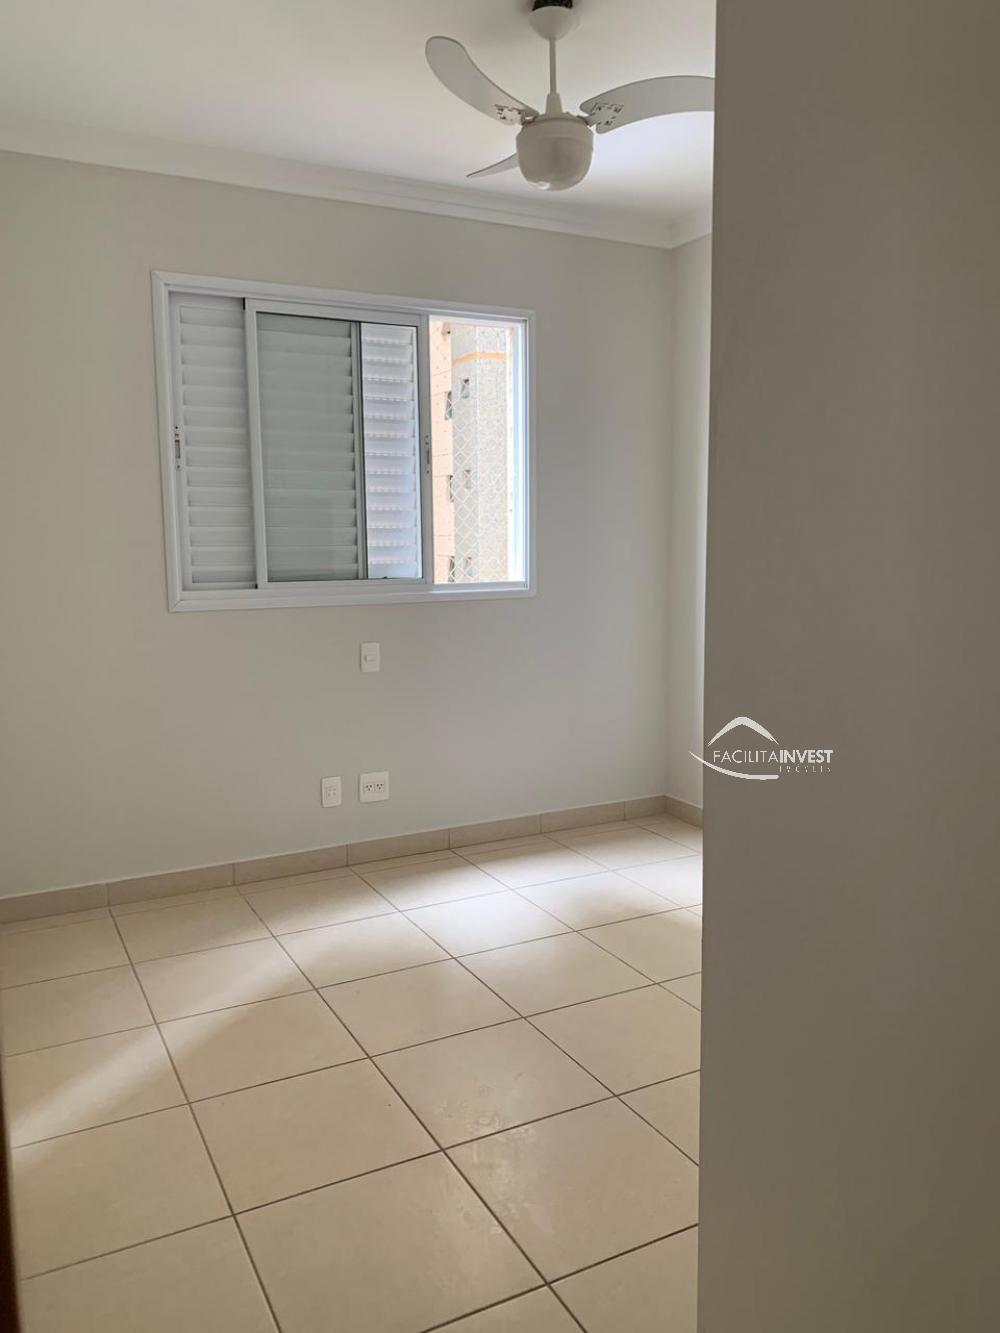 Alugar Apartamentos / Apart. Padrão em Ribeirão Preto R$ 2.800,00 - Foto 13